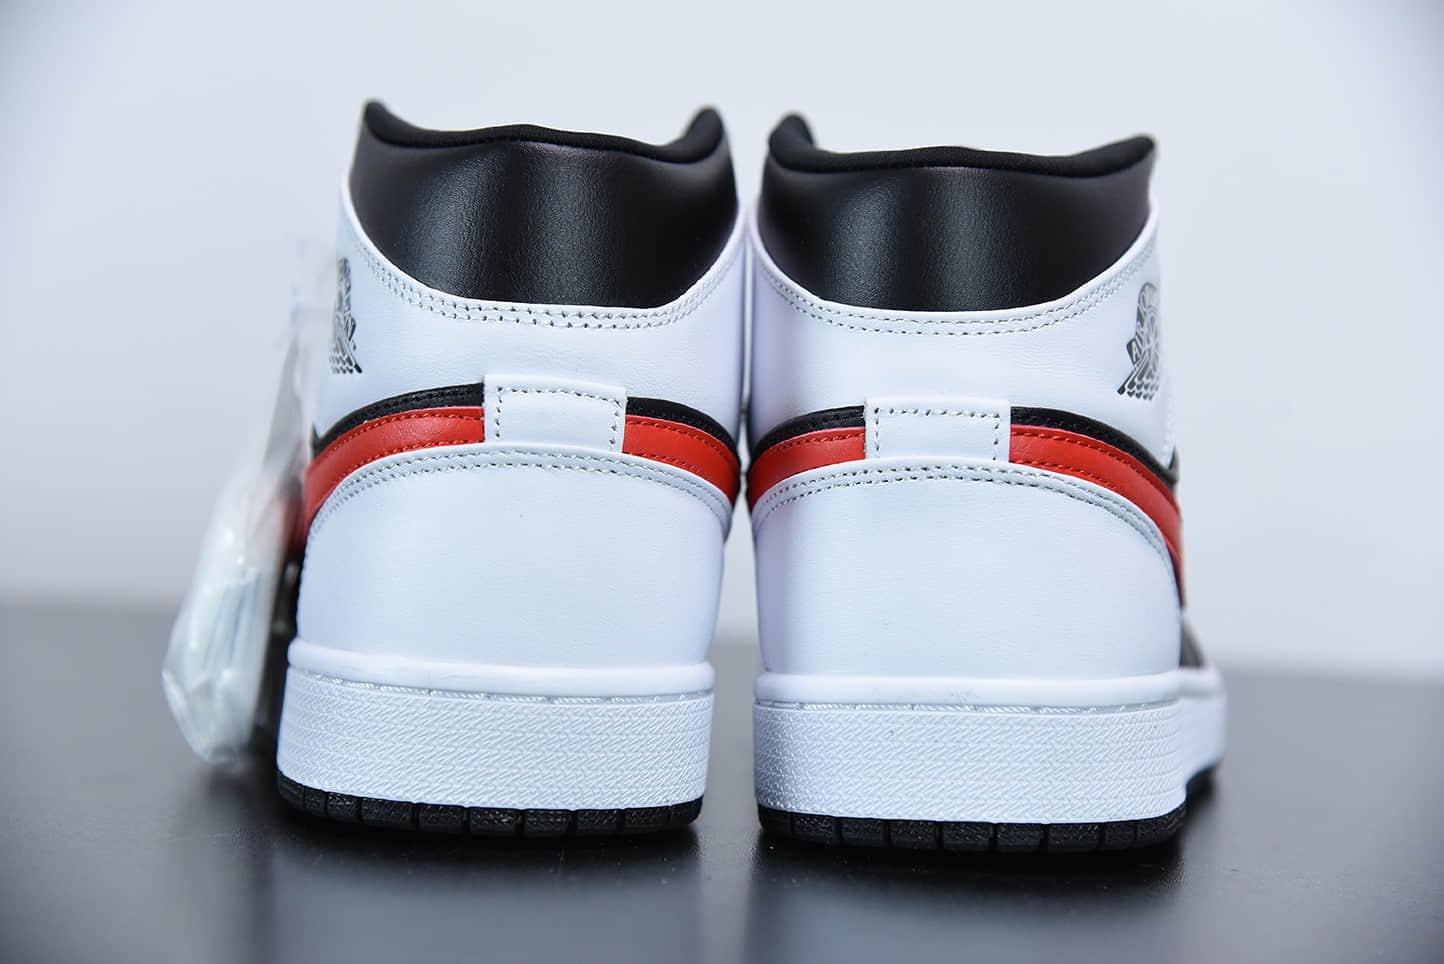 乔丹Air Jordan 1 MidAstronomy Blue 黑红熊猫中帮文化篮球鞋纯原版本 货号:554724-075